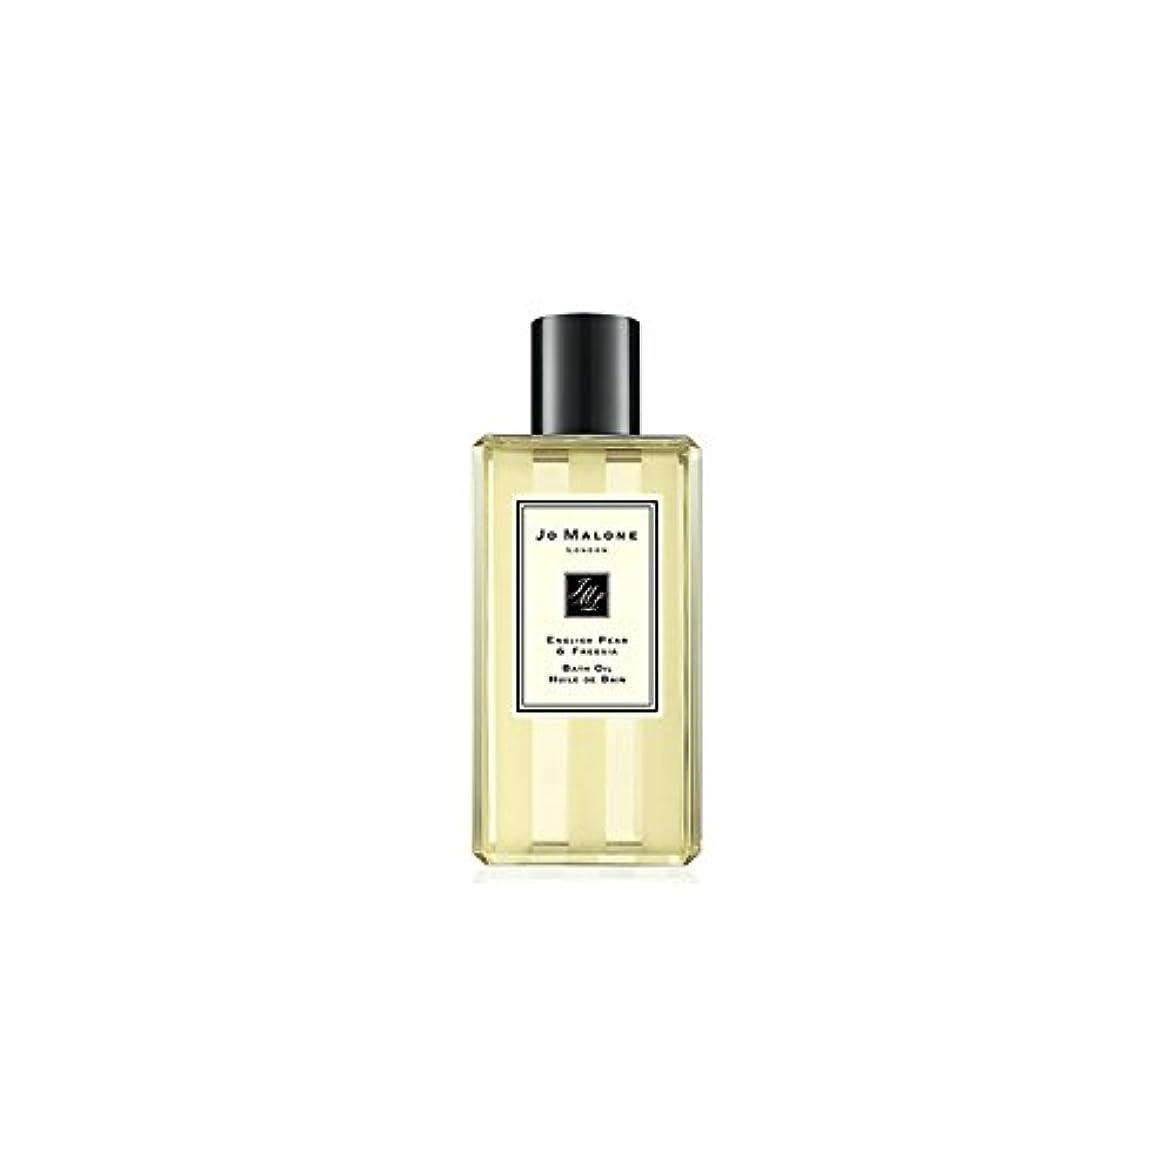 隔離する楽しい甥Jo Malone English Pear & Freesia Bath Oil - 250ml (Pack of 2) - ジョーマローン英語梨&フリージアのバスオイル - 250ミリリットル (x2) [並行輸入品]